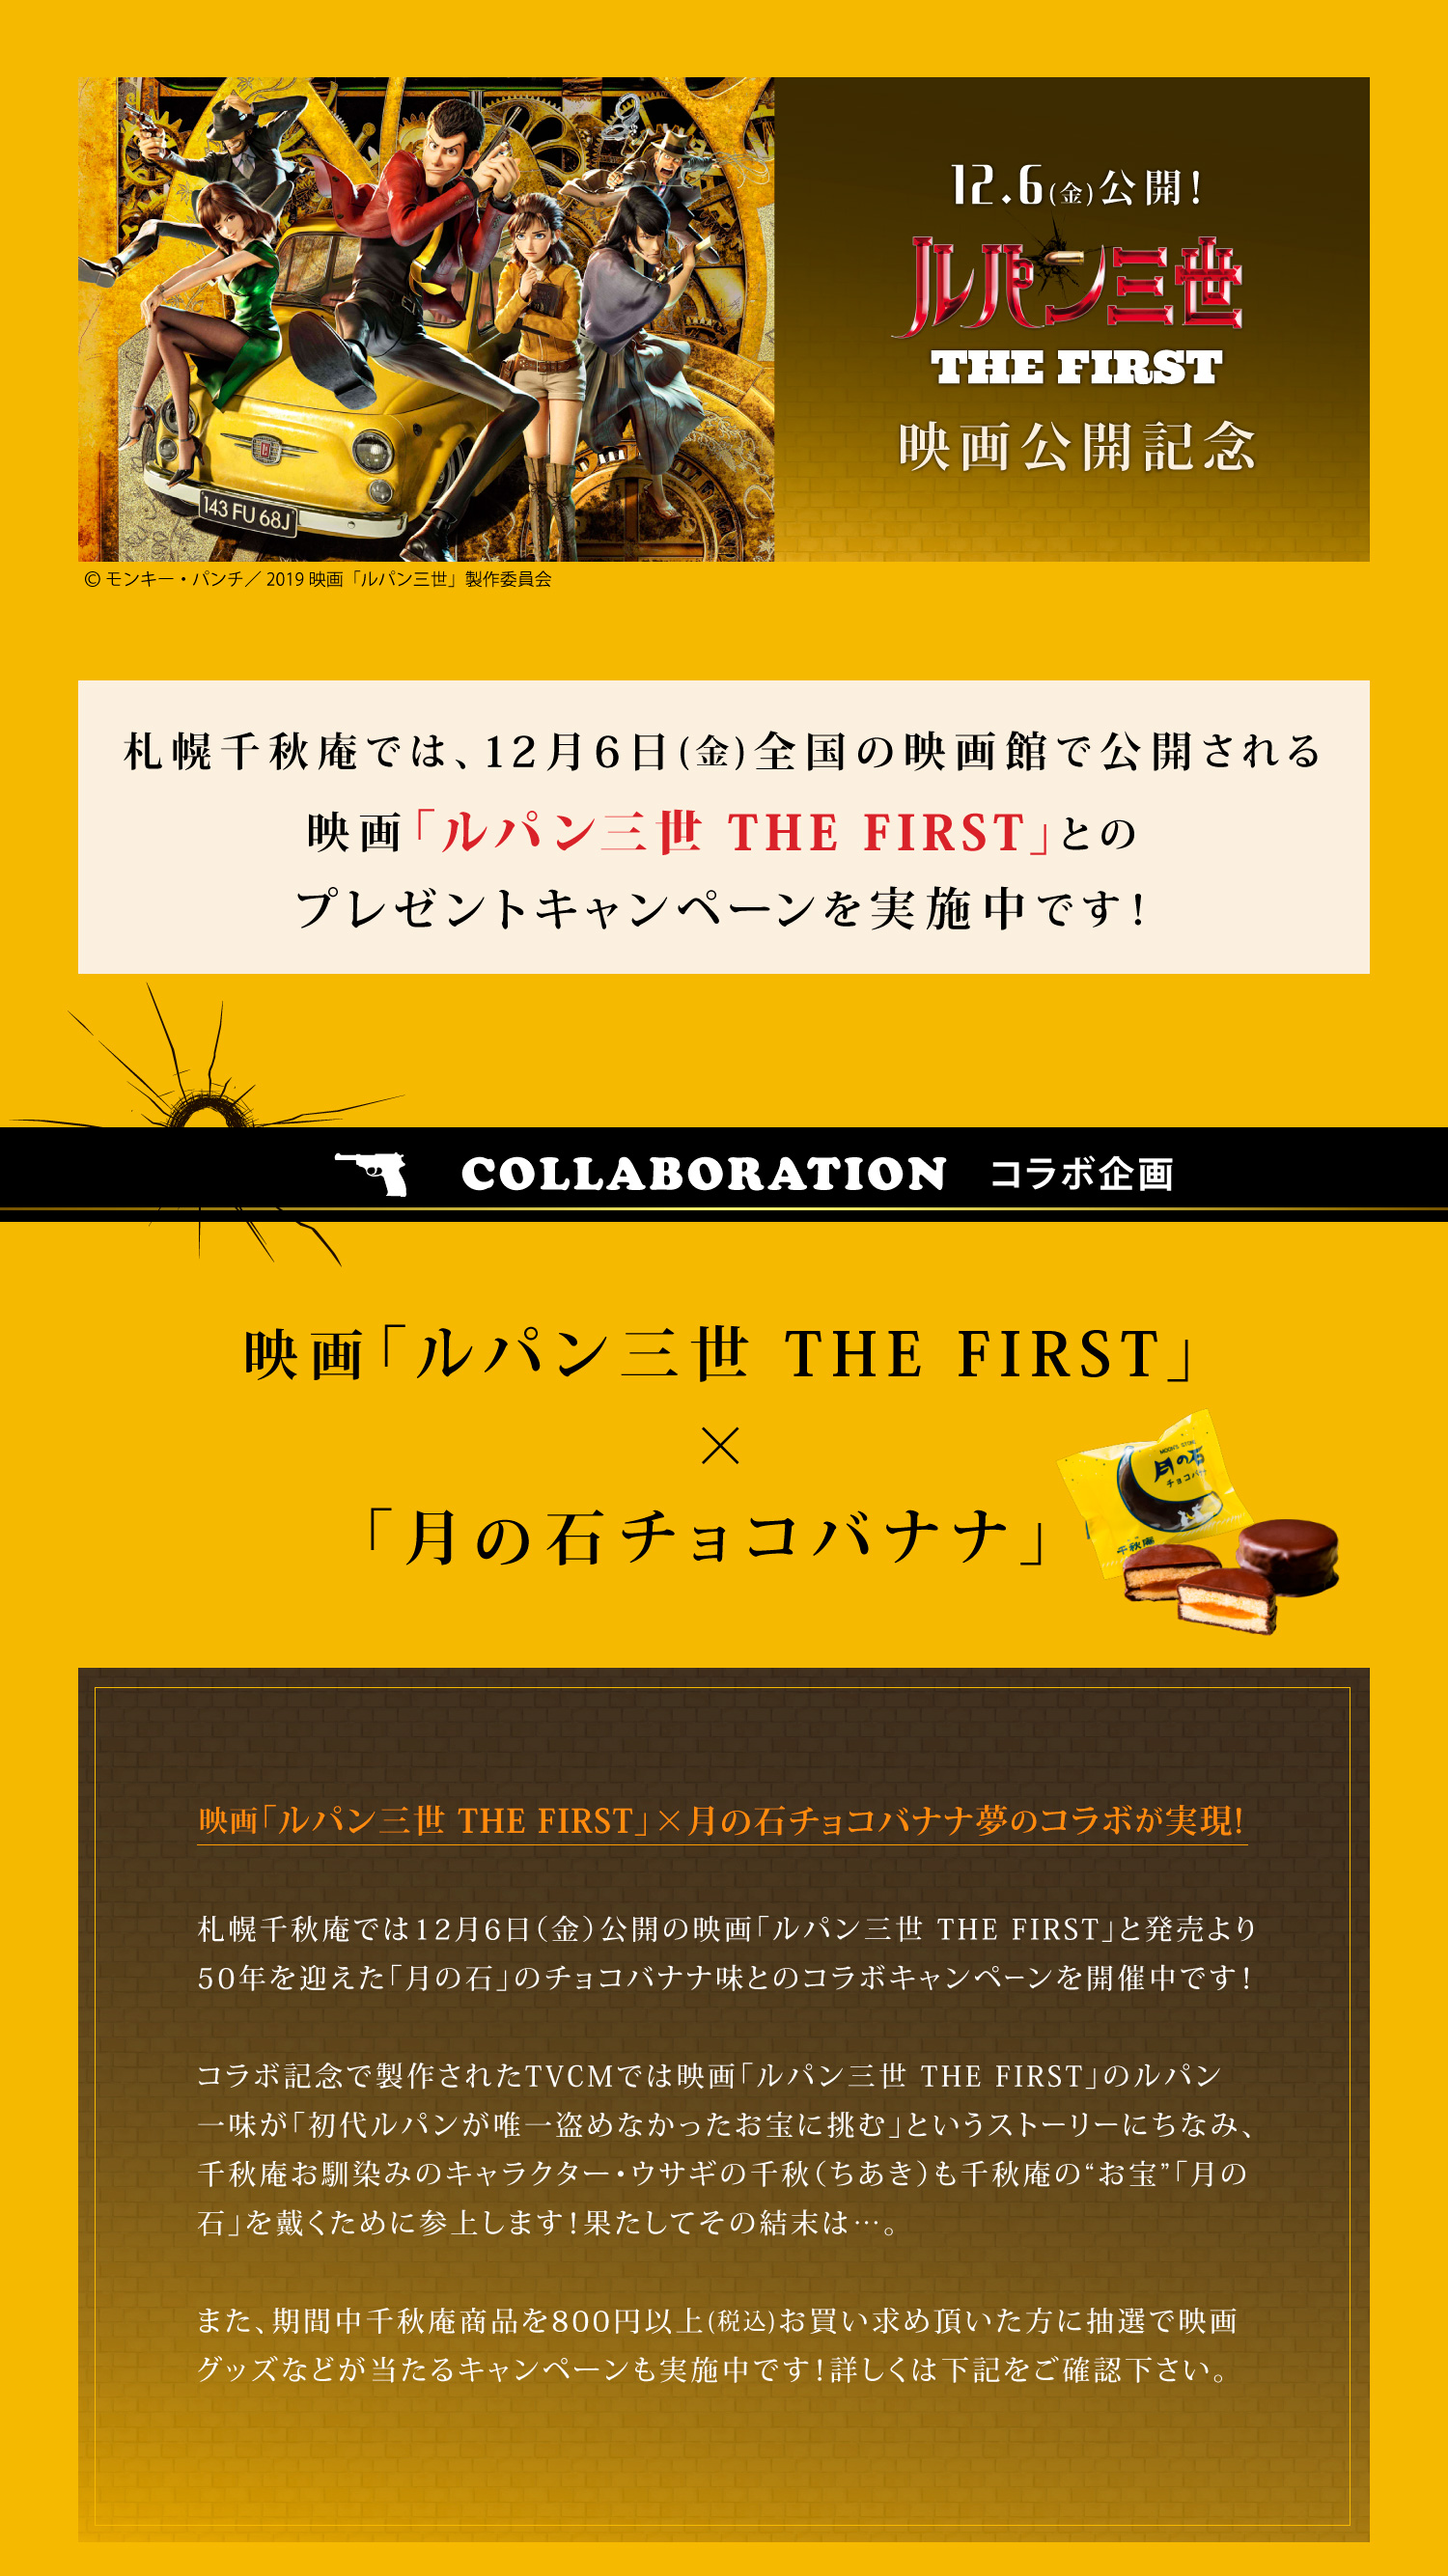 札幌千秋庵では、12月6日(金)全国の映画館で公開される 映画「ルパン三世 THE FIRST」との プレゼントキャンペーンを実施中です!